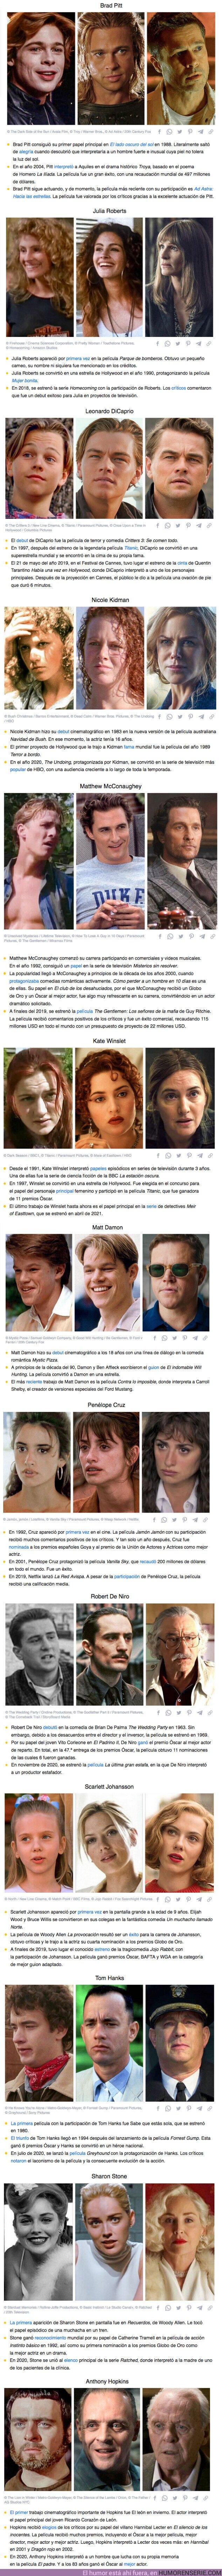 73784 - GALERÍA: Cómo se veían 13 actores de Hollywood en su primera pelicula y en la última